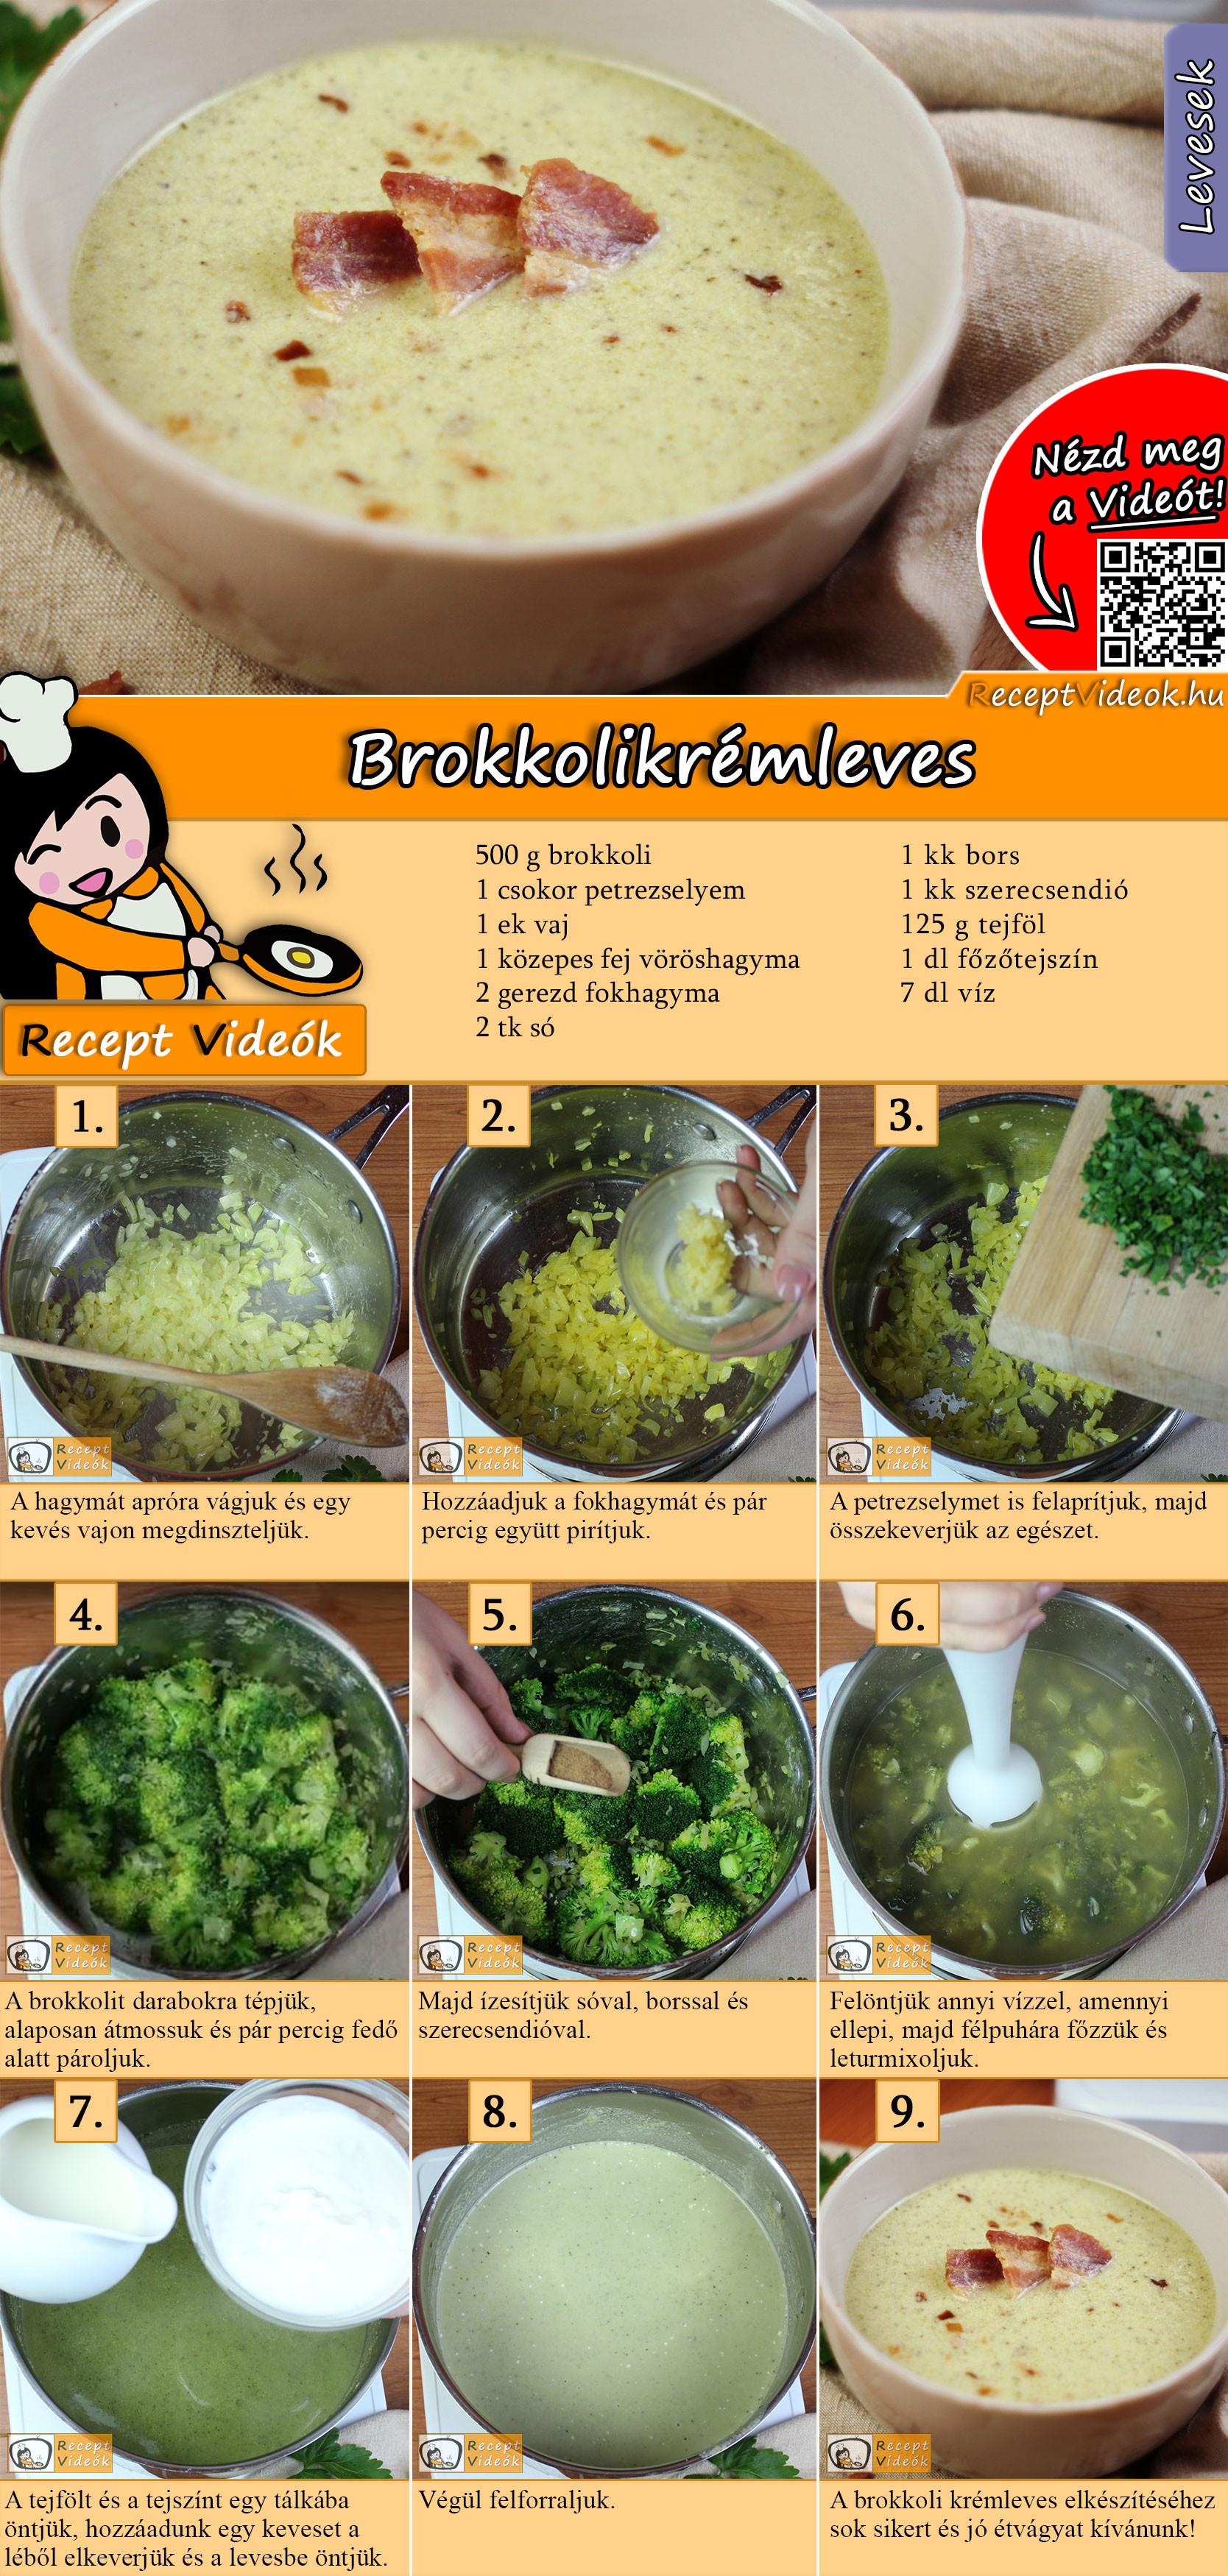 Brokkolikrémleves recept elkészítése videóval